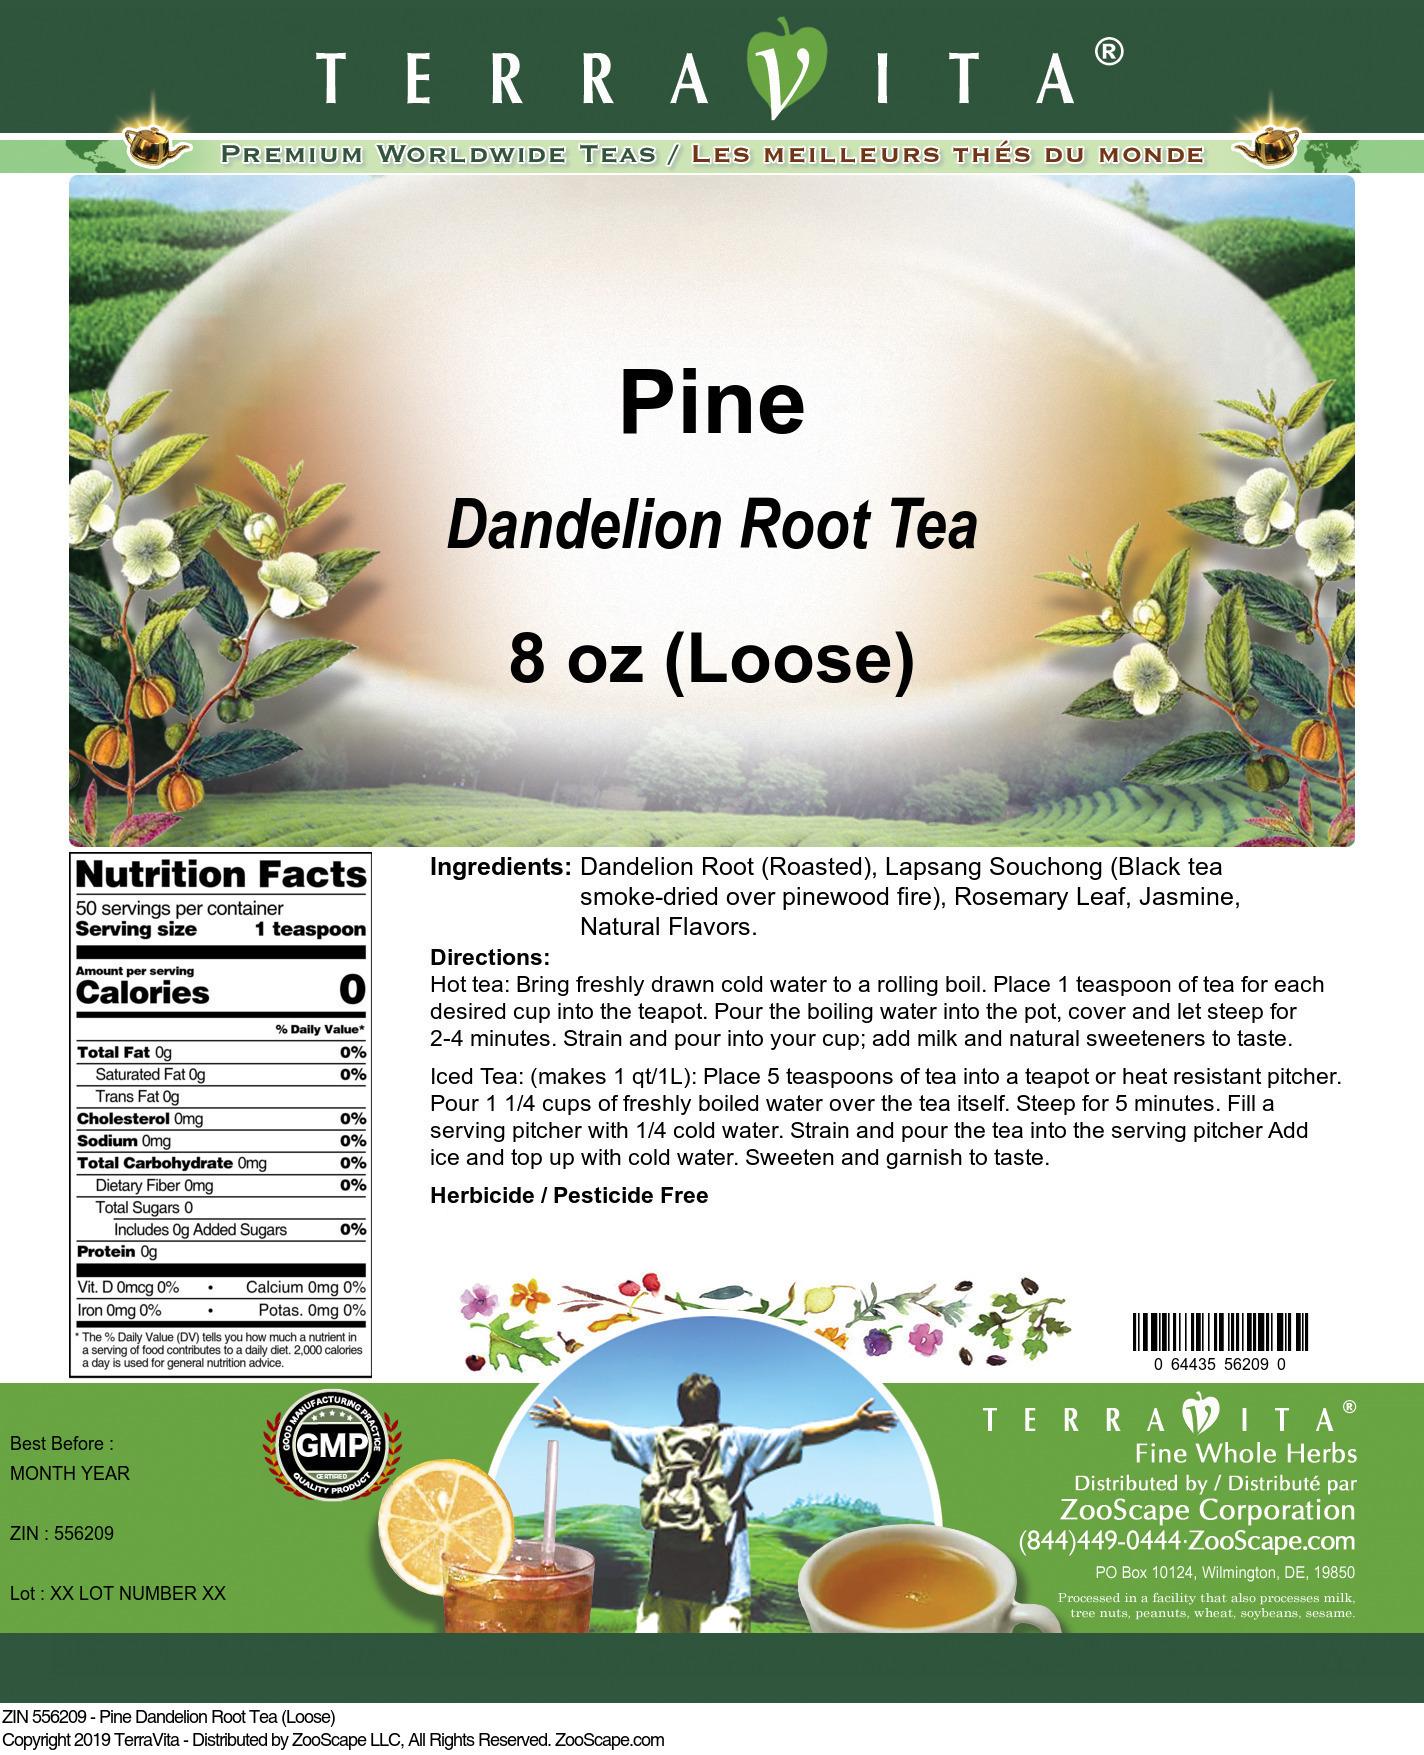 Pine Dandelion Root